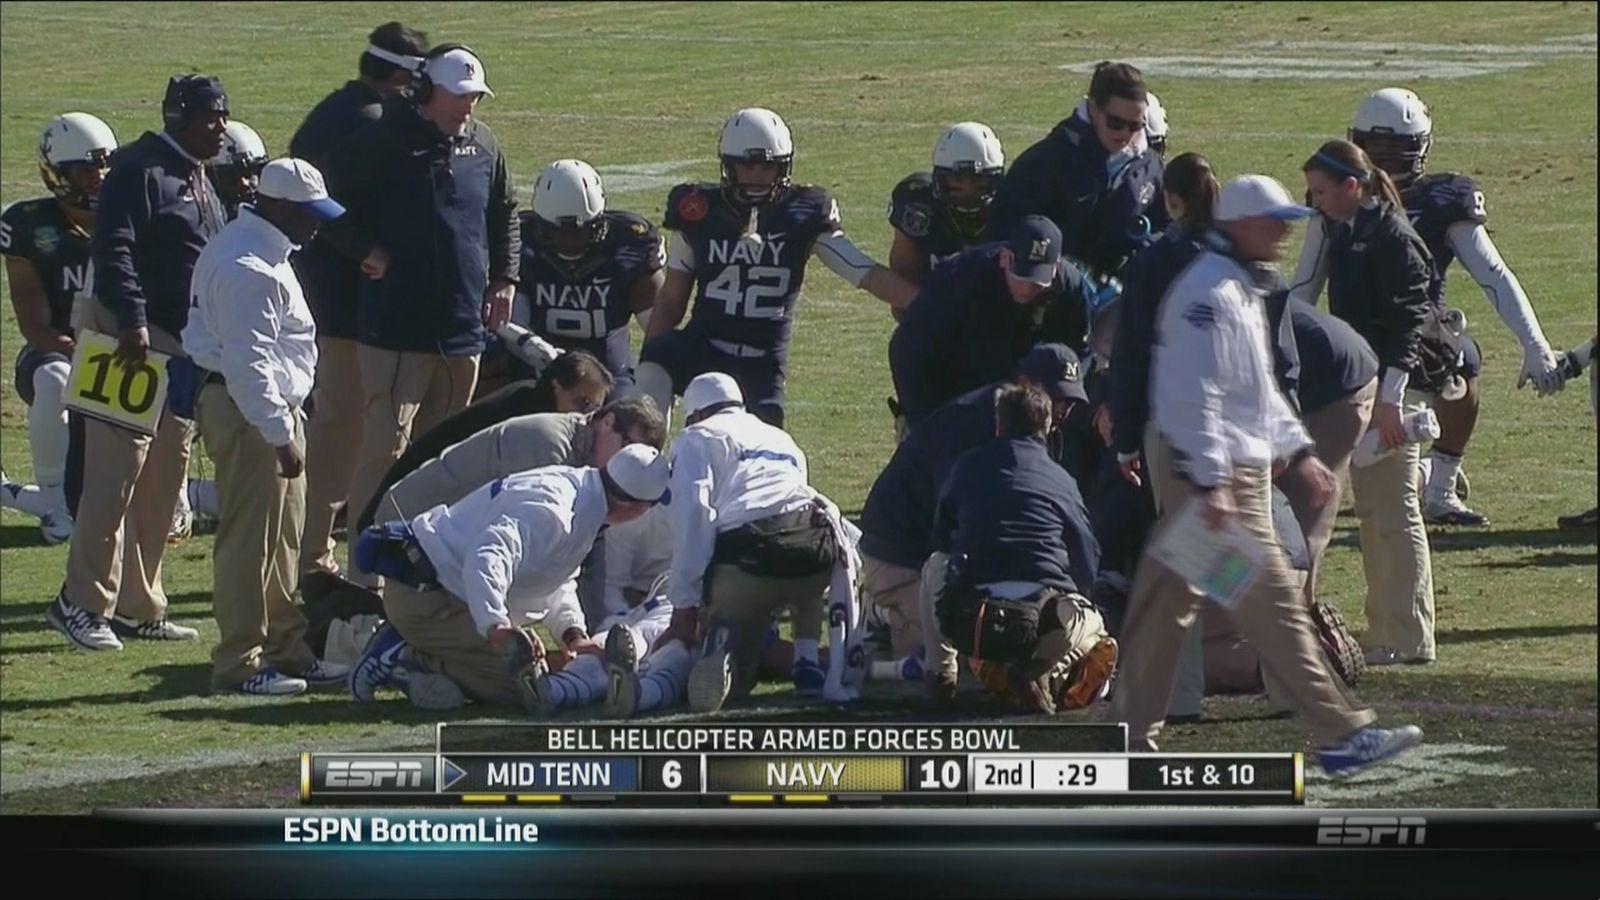 海军,MTSU球员在可怕的武装部队碗碰撞中倒下